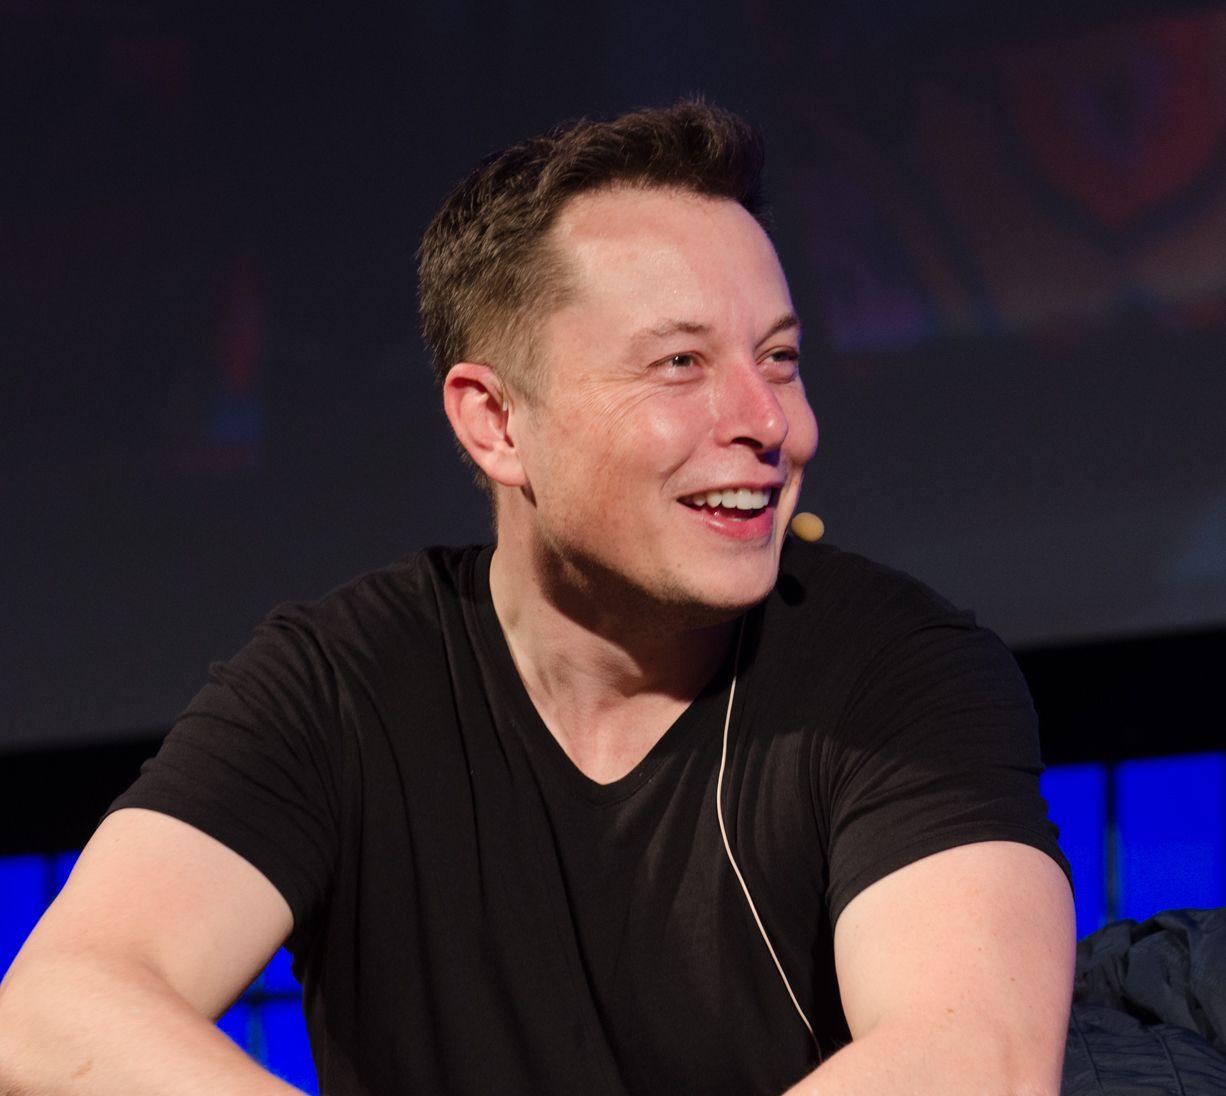 Elon Musk wearing a black t-shirt.